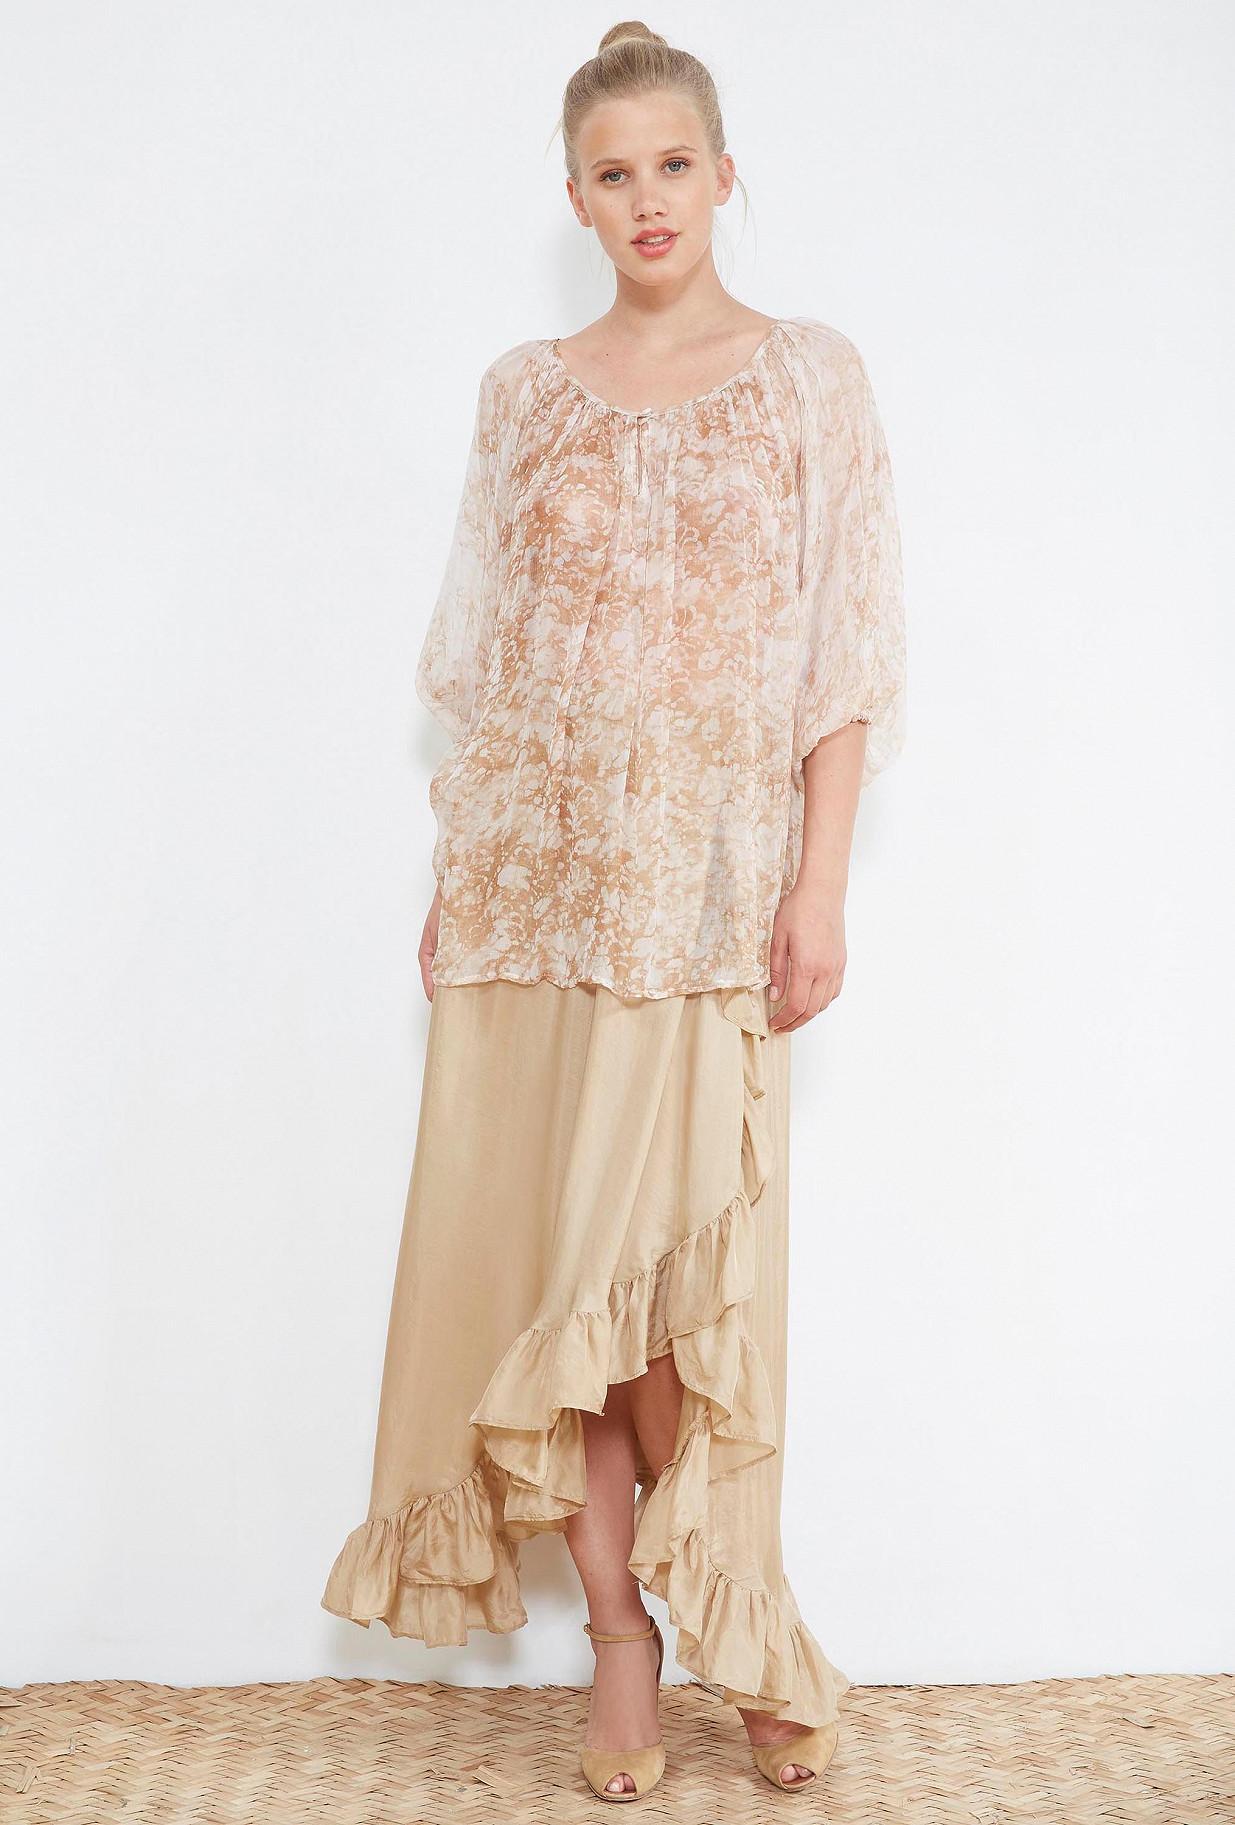 Nude  BLOUSE  Tatum Mes demoiselles fashion clothes designer Paris